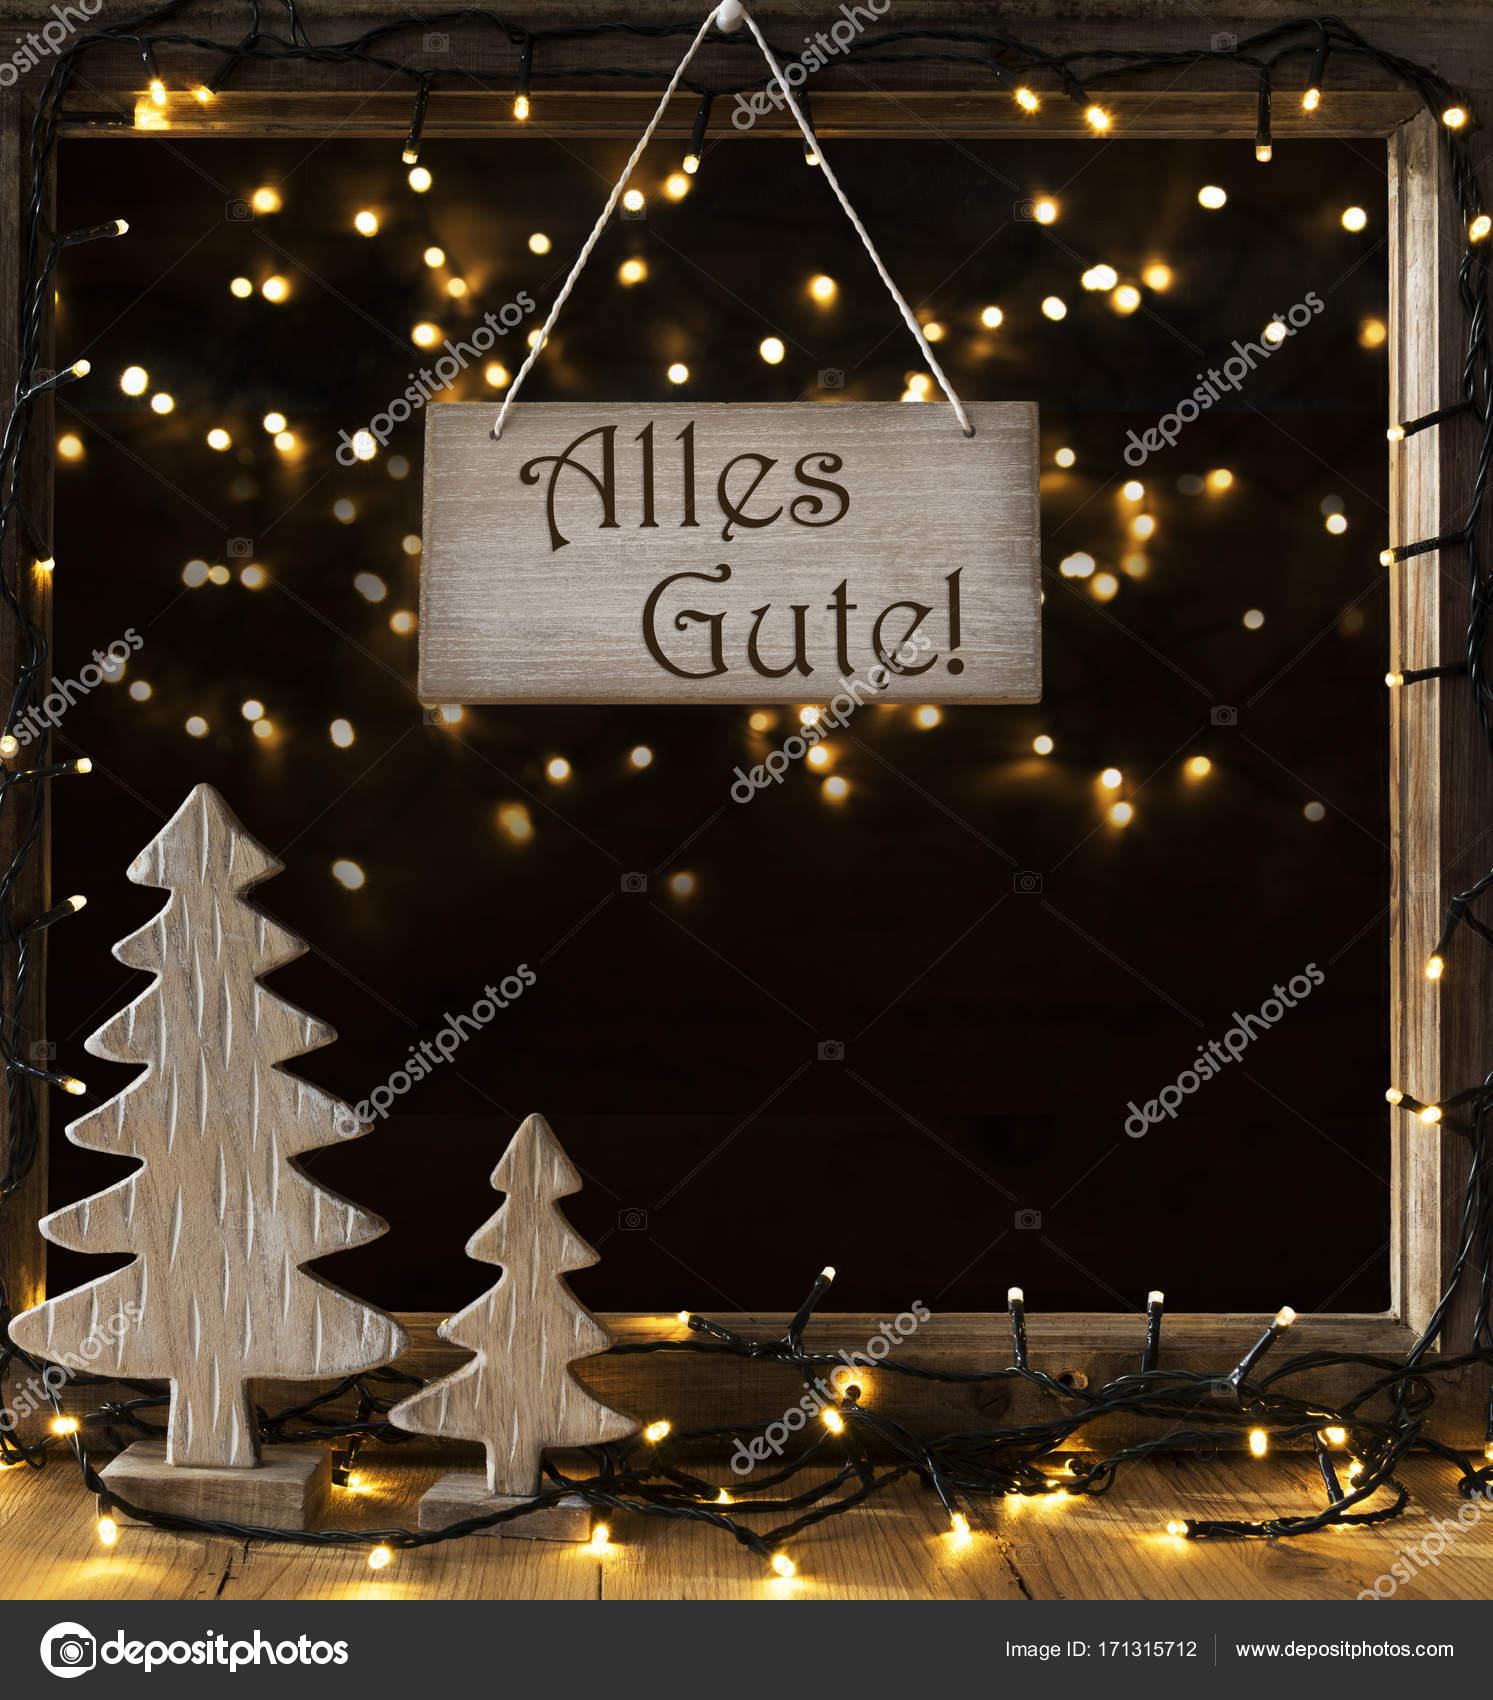 Weihnachtsbaum Der Guten Wünsche.Fenster Lichter In Der Nacht Wünsche Alles Gute Mittel Stockfoto